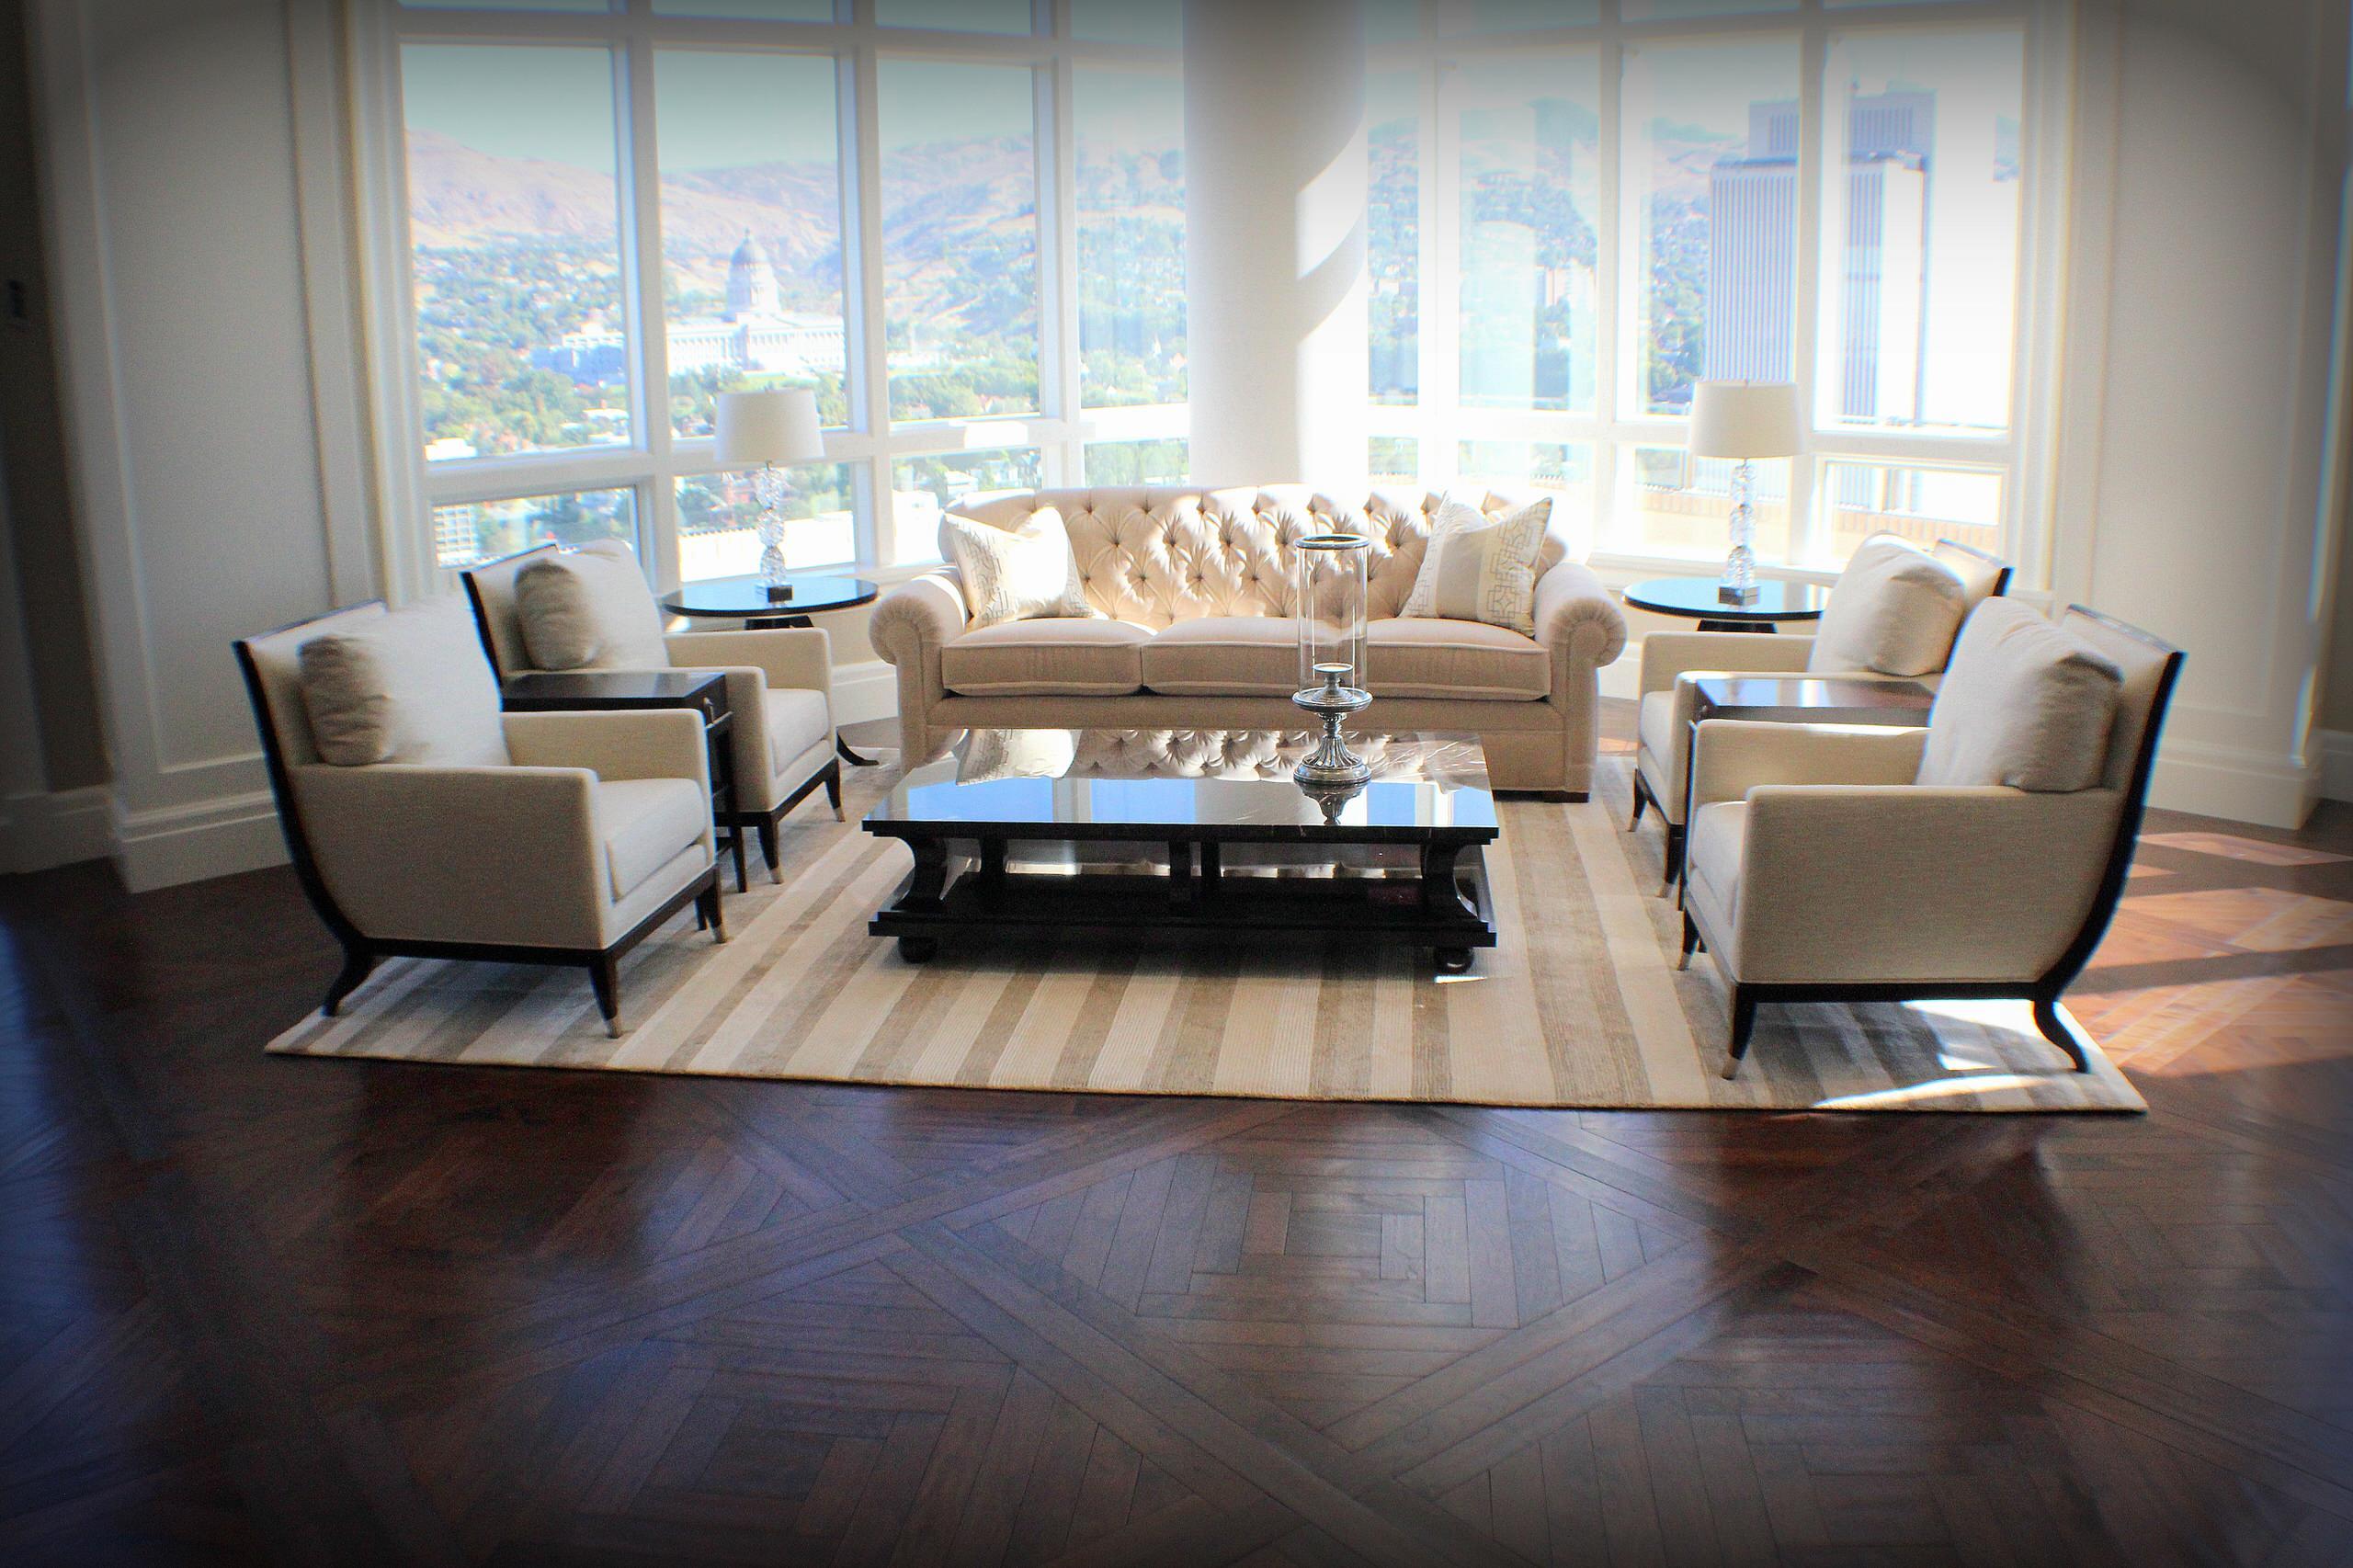 Walnut Floors Anchor Sky High Condo